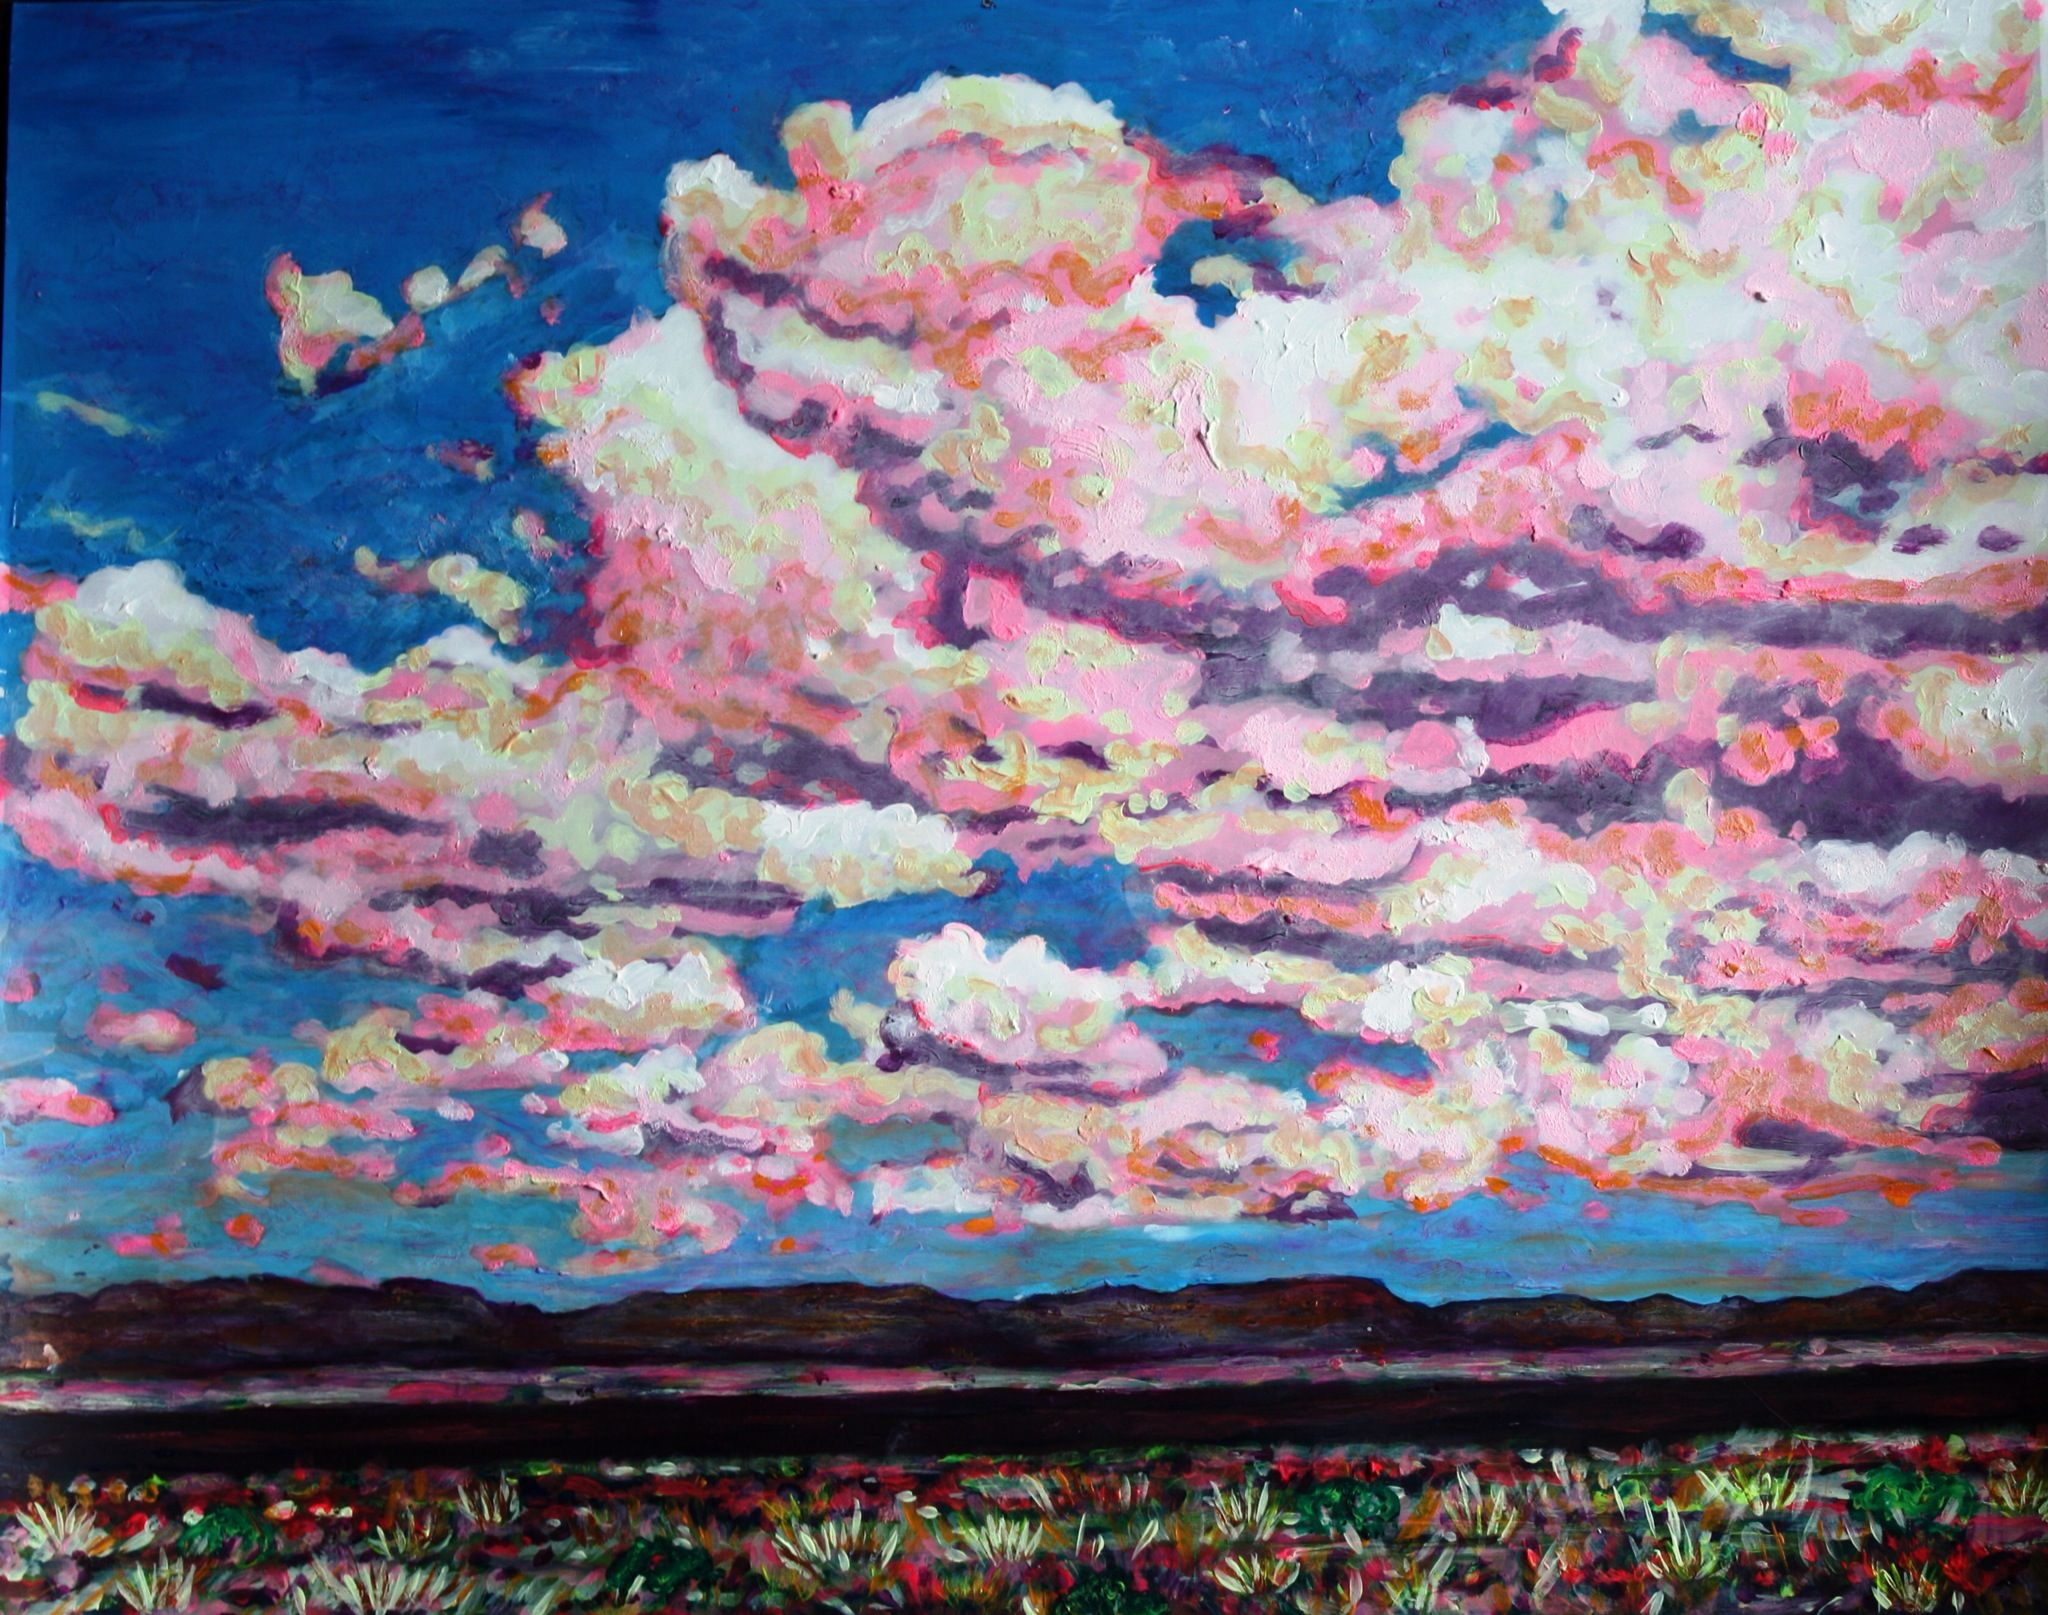 West Texas Sky, 16X20, Acrylic Painting, Kimberly Delgado